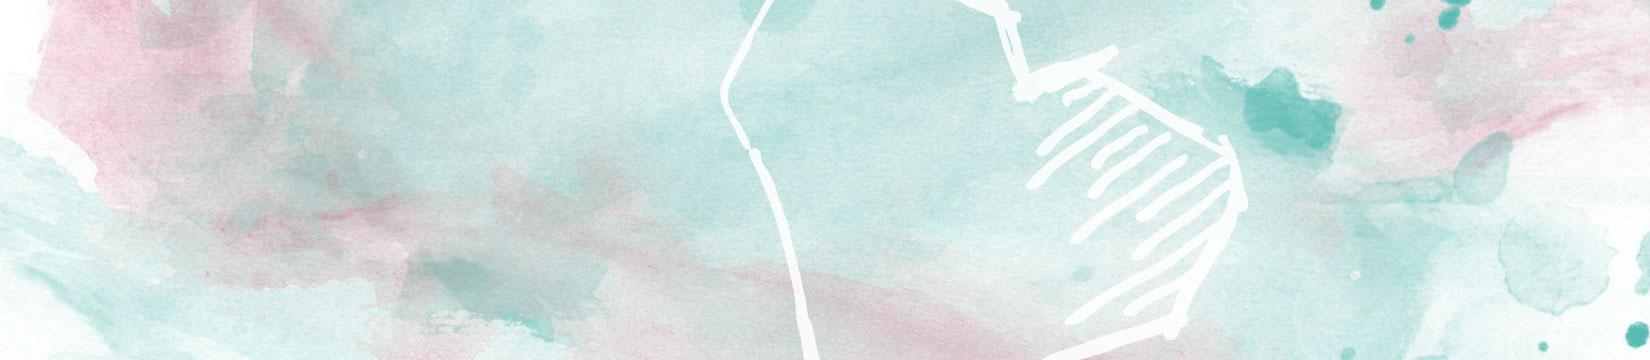 Herz auf Wasserfarben Hintergrund